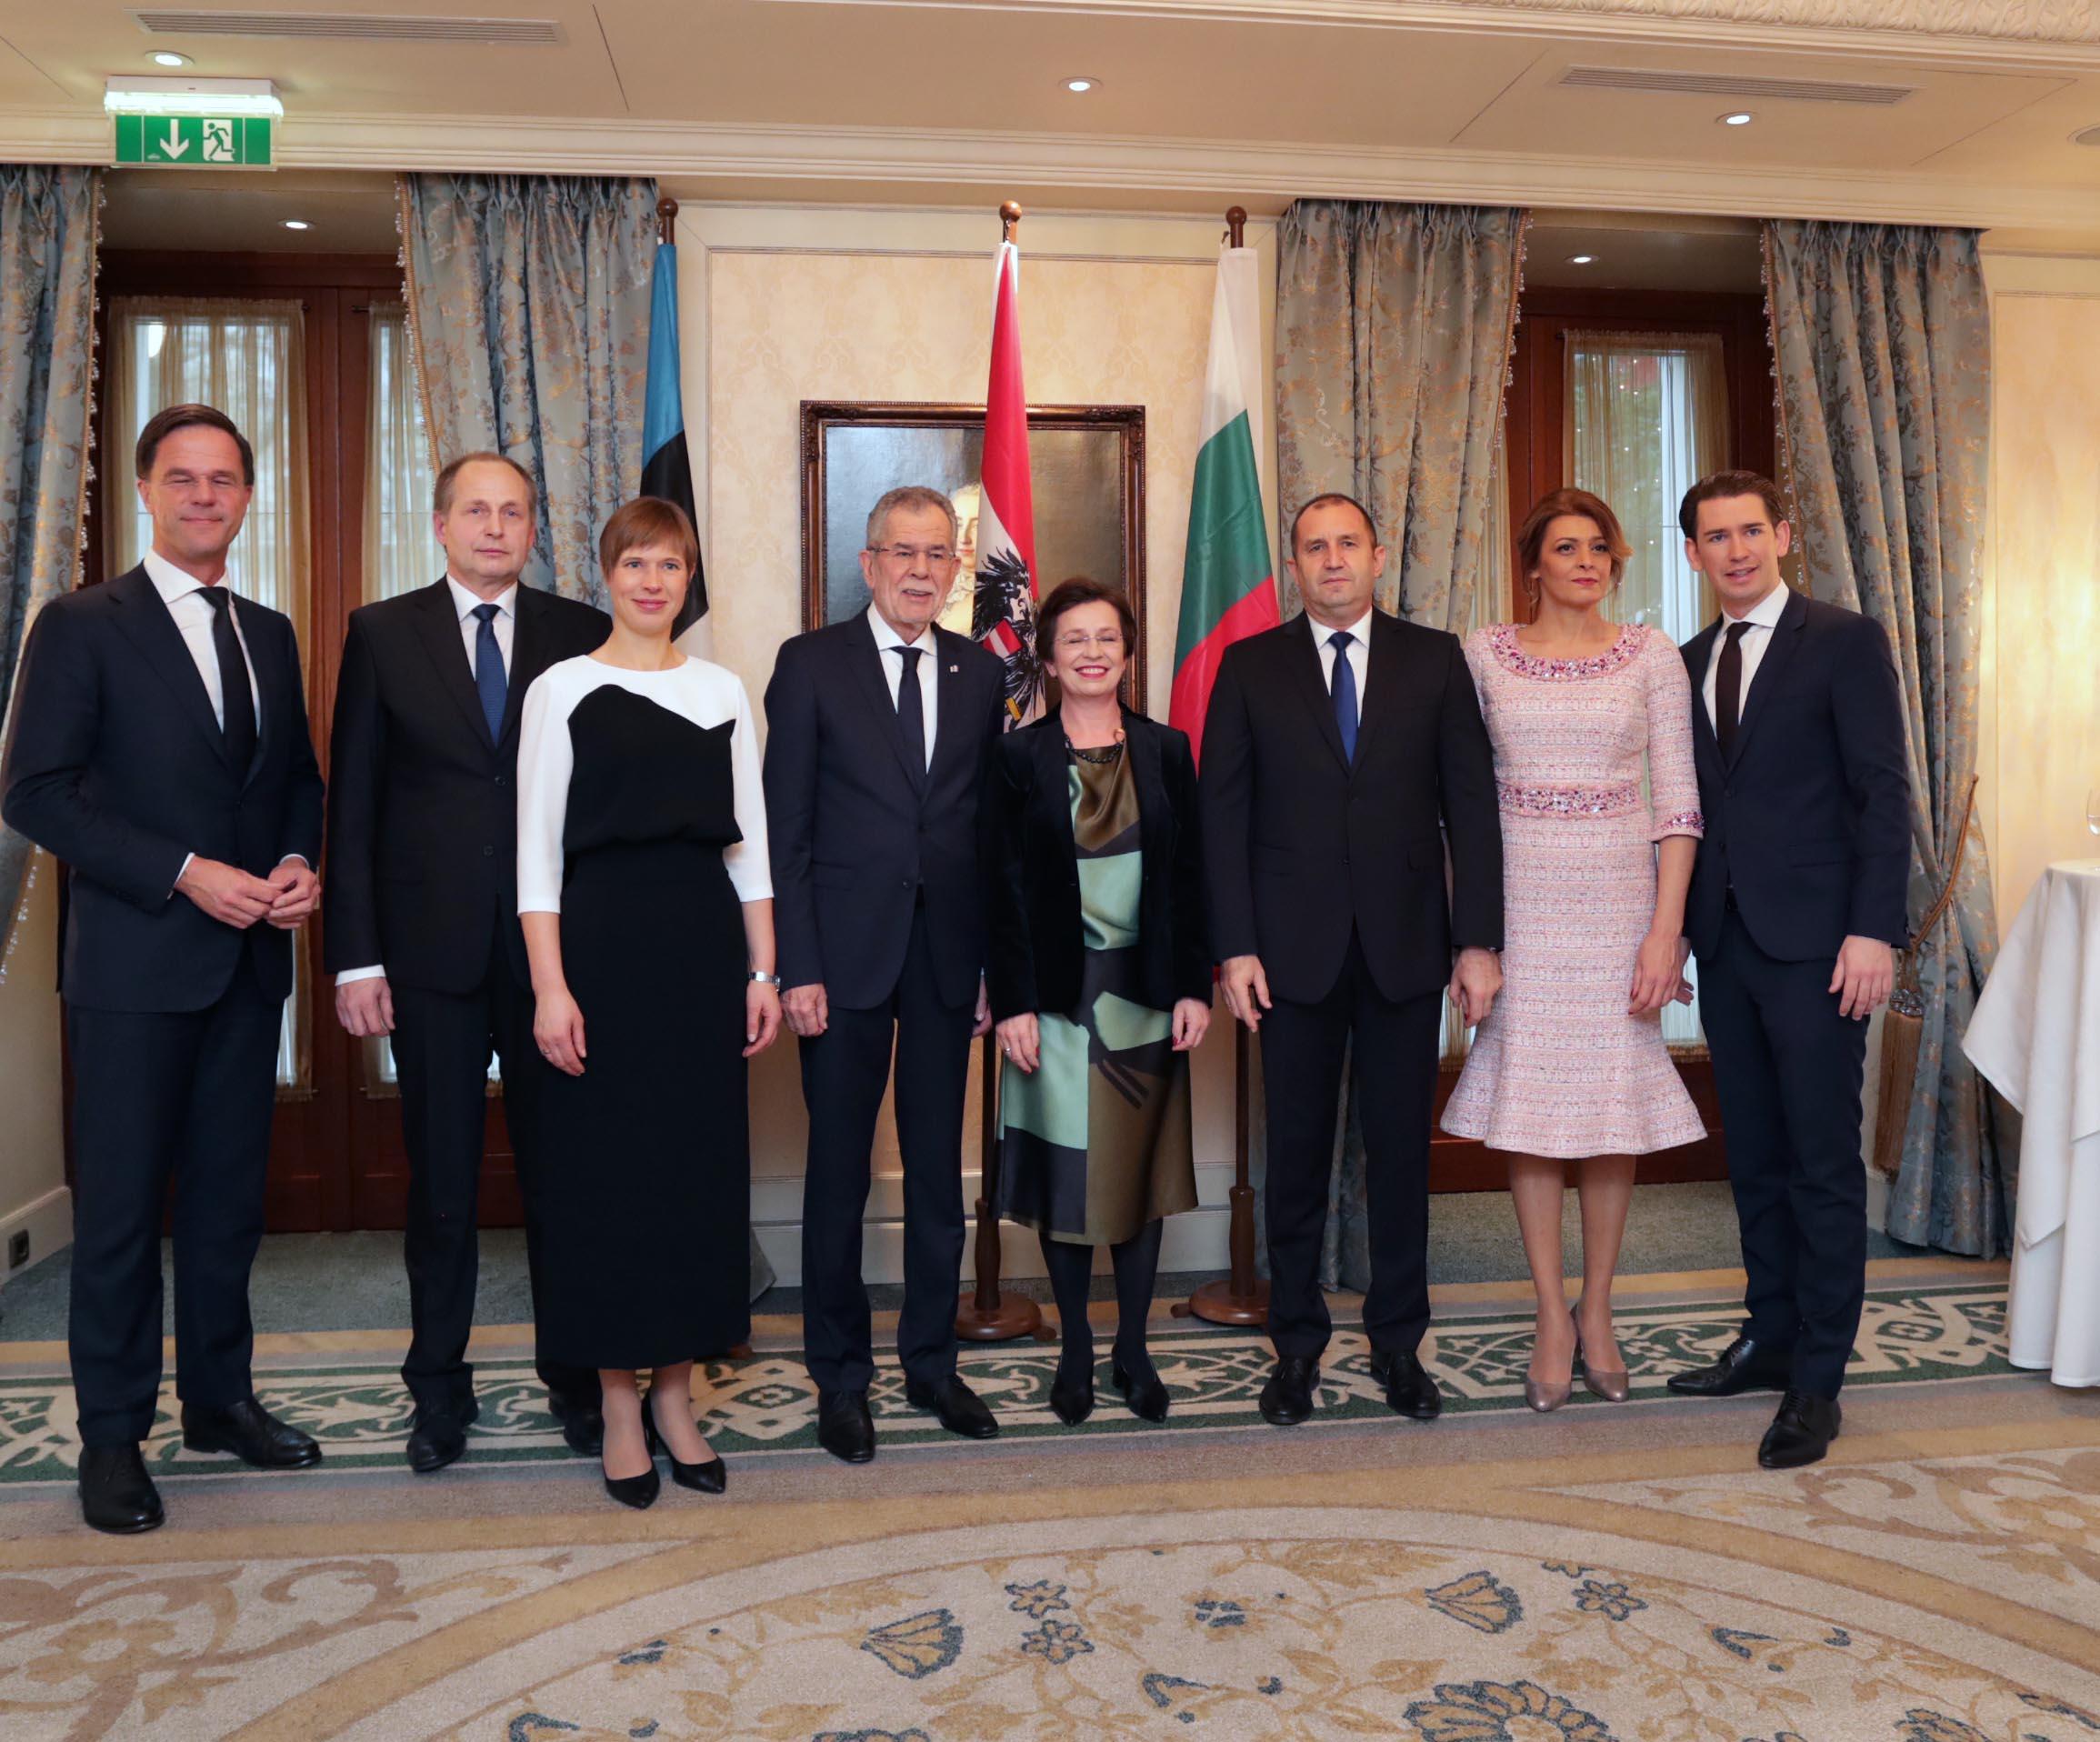 По време на официални срещи на 1 януари 2018 г. в столицата на Австрия, Виена.